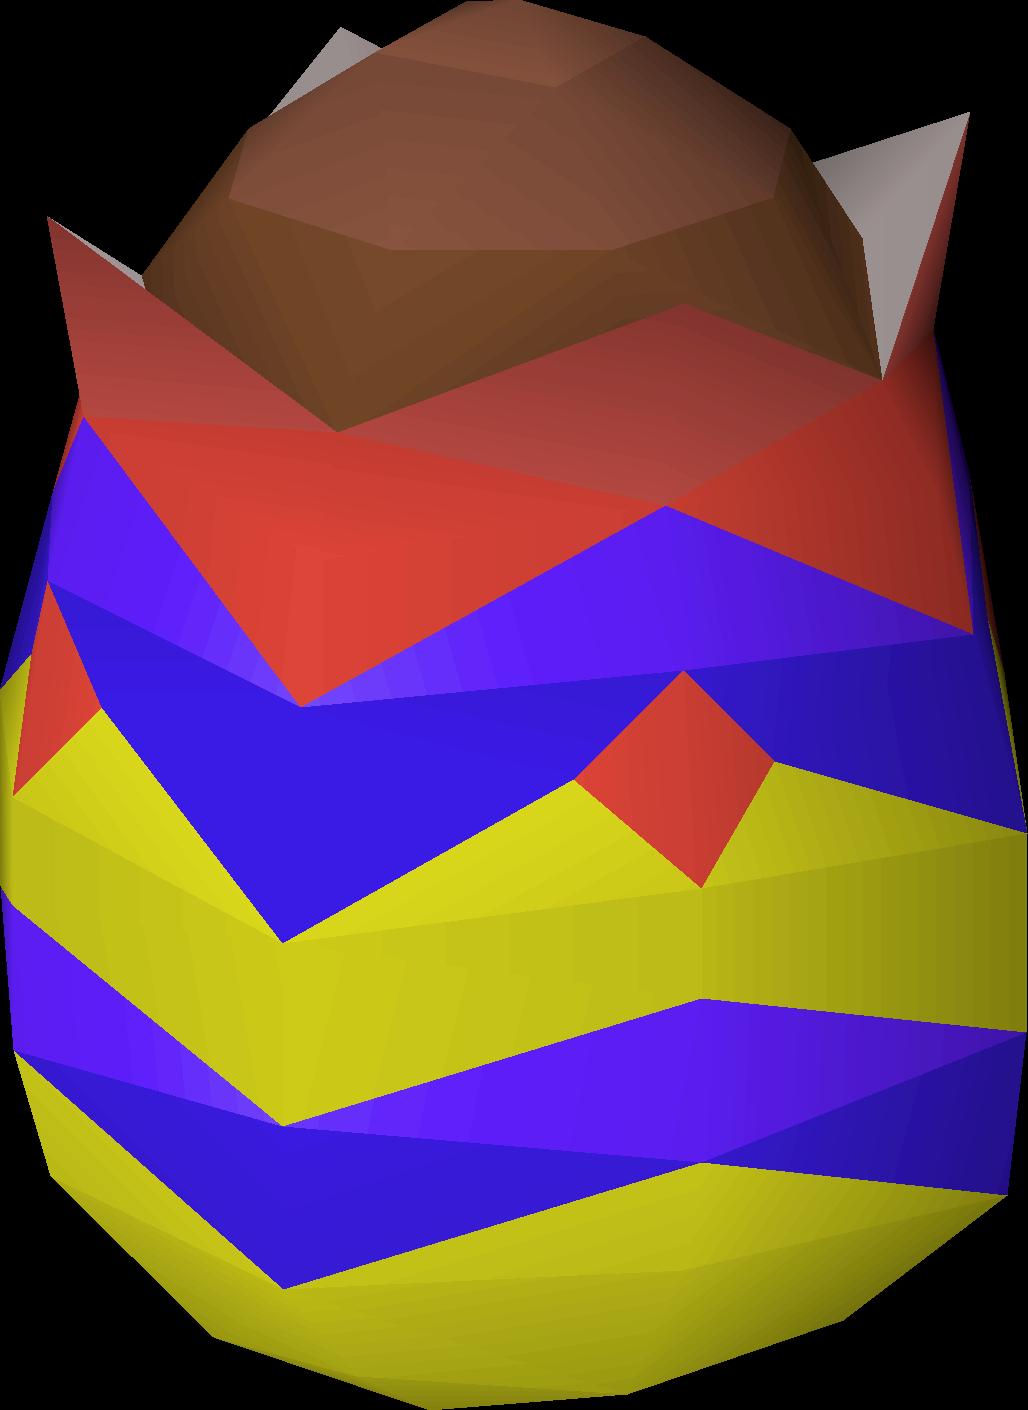 Giant easter egg - OSRS Wiki